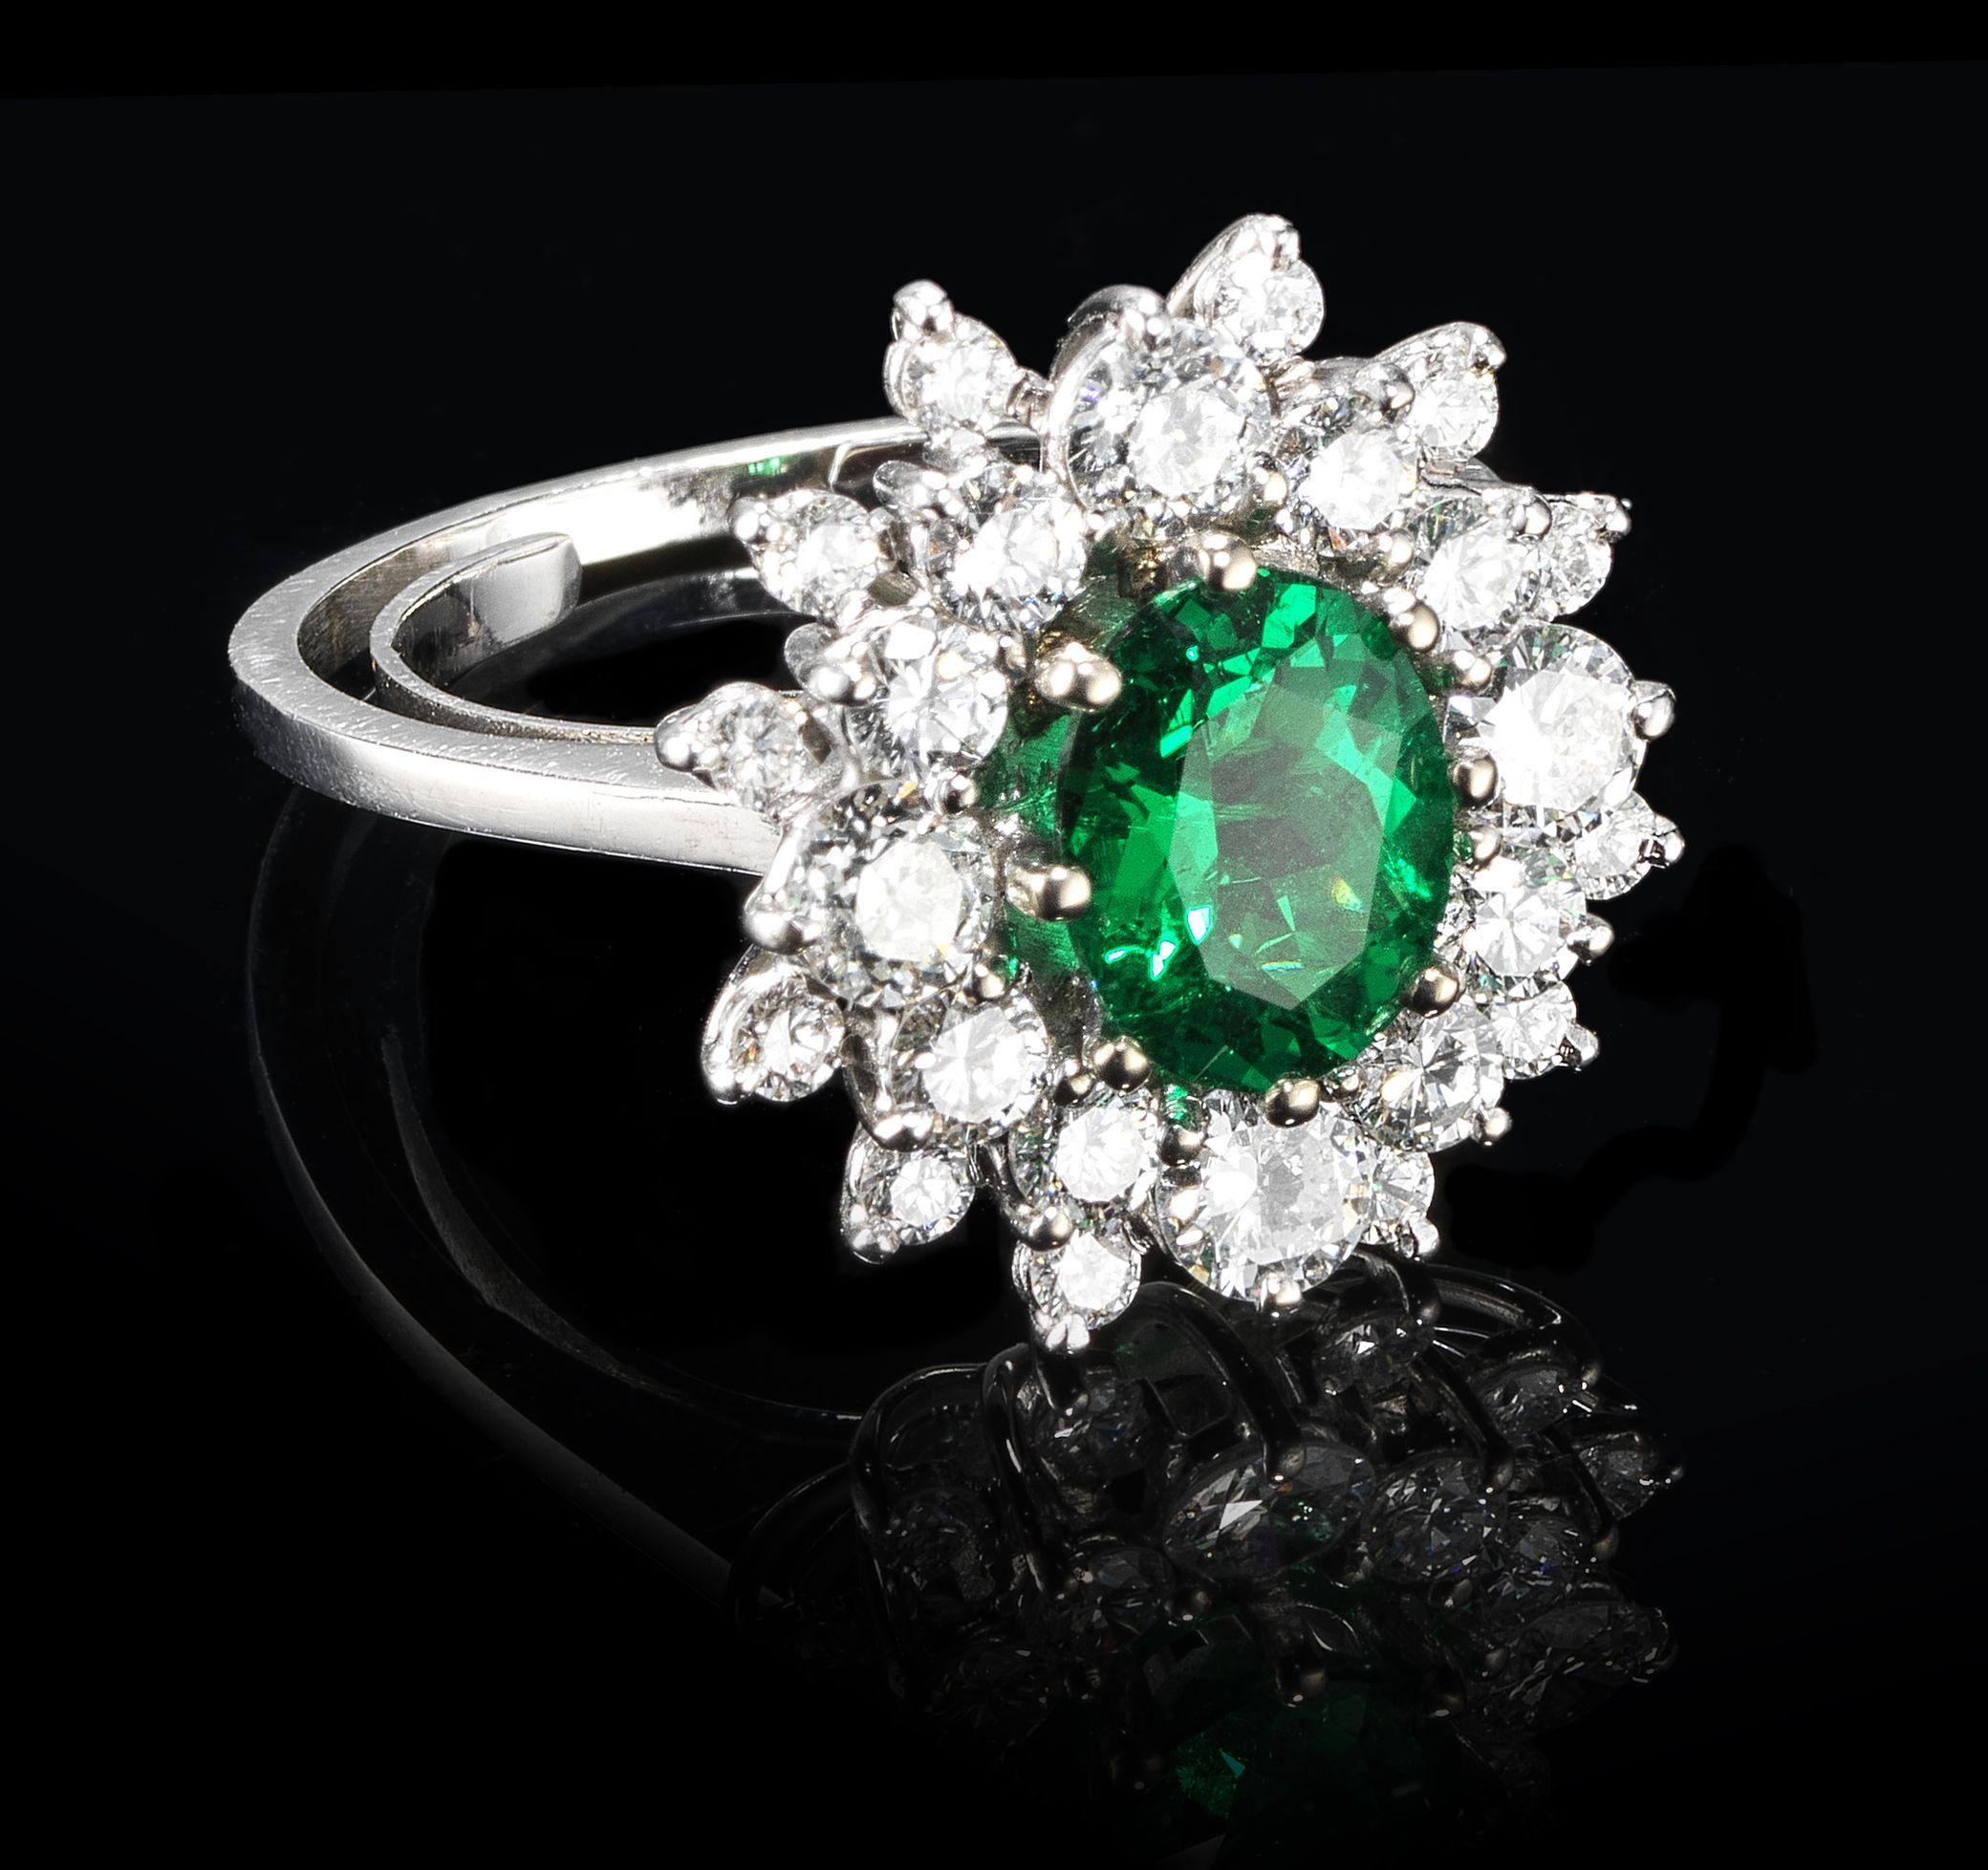 Vente Montres et bijoux chez Genève Enchères : 166 lots